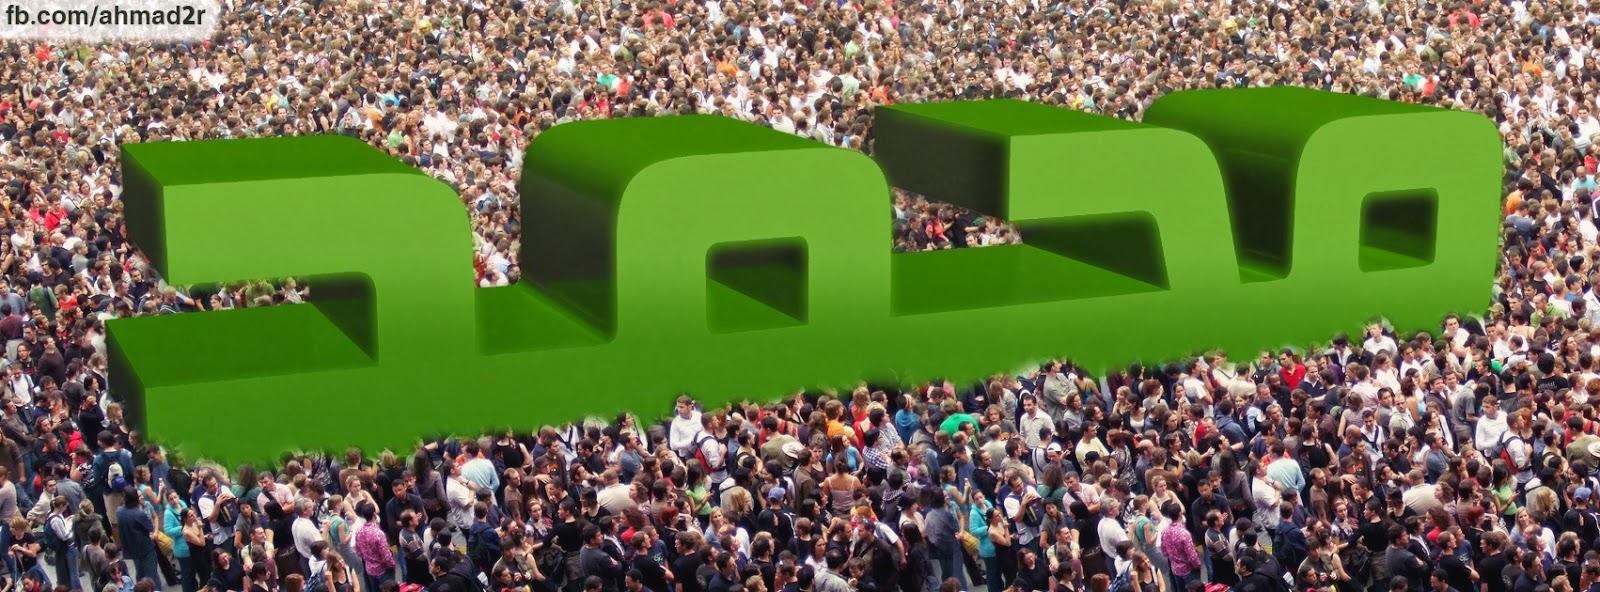 محمد رسول الله |تصميم غلاف جديد للفيس بوك